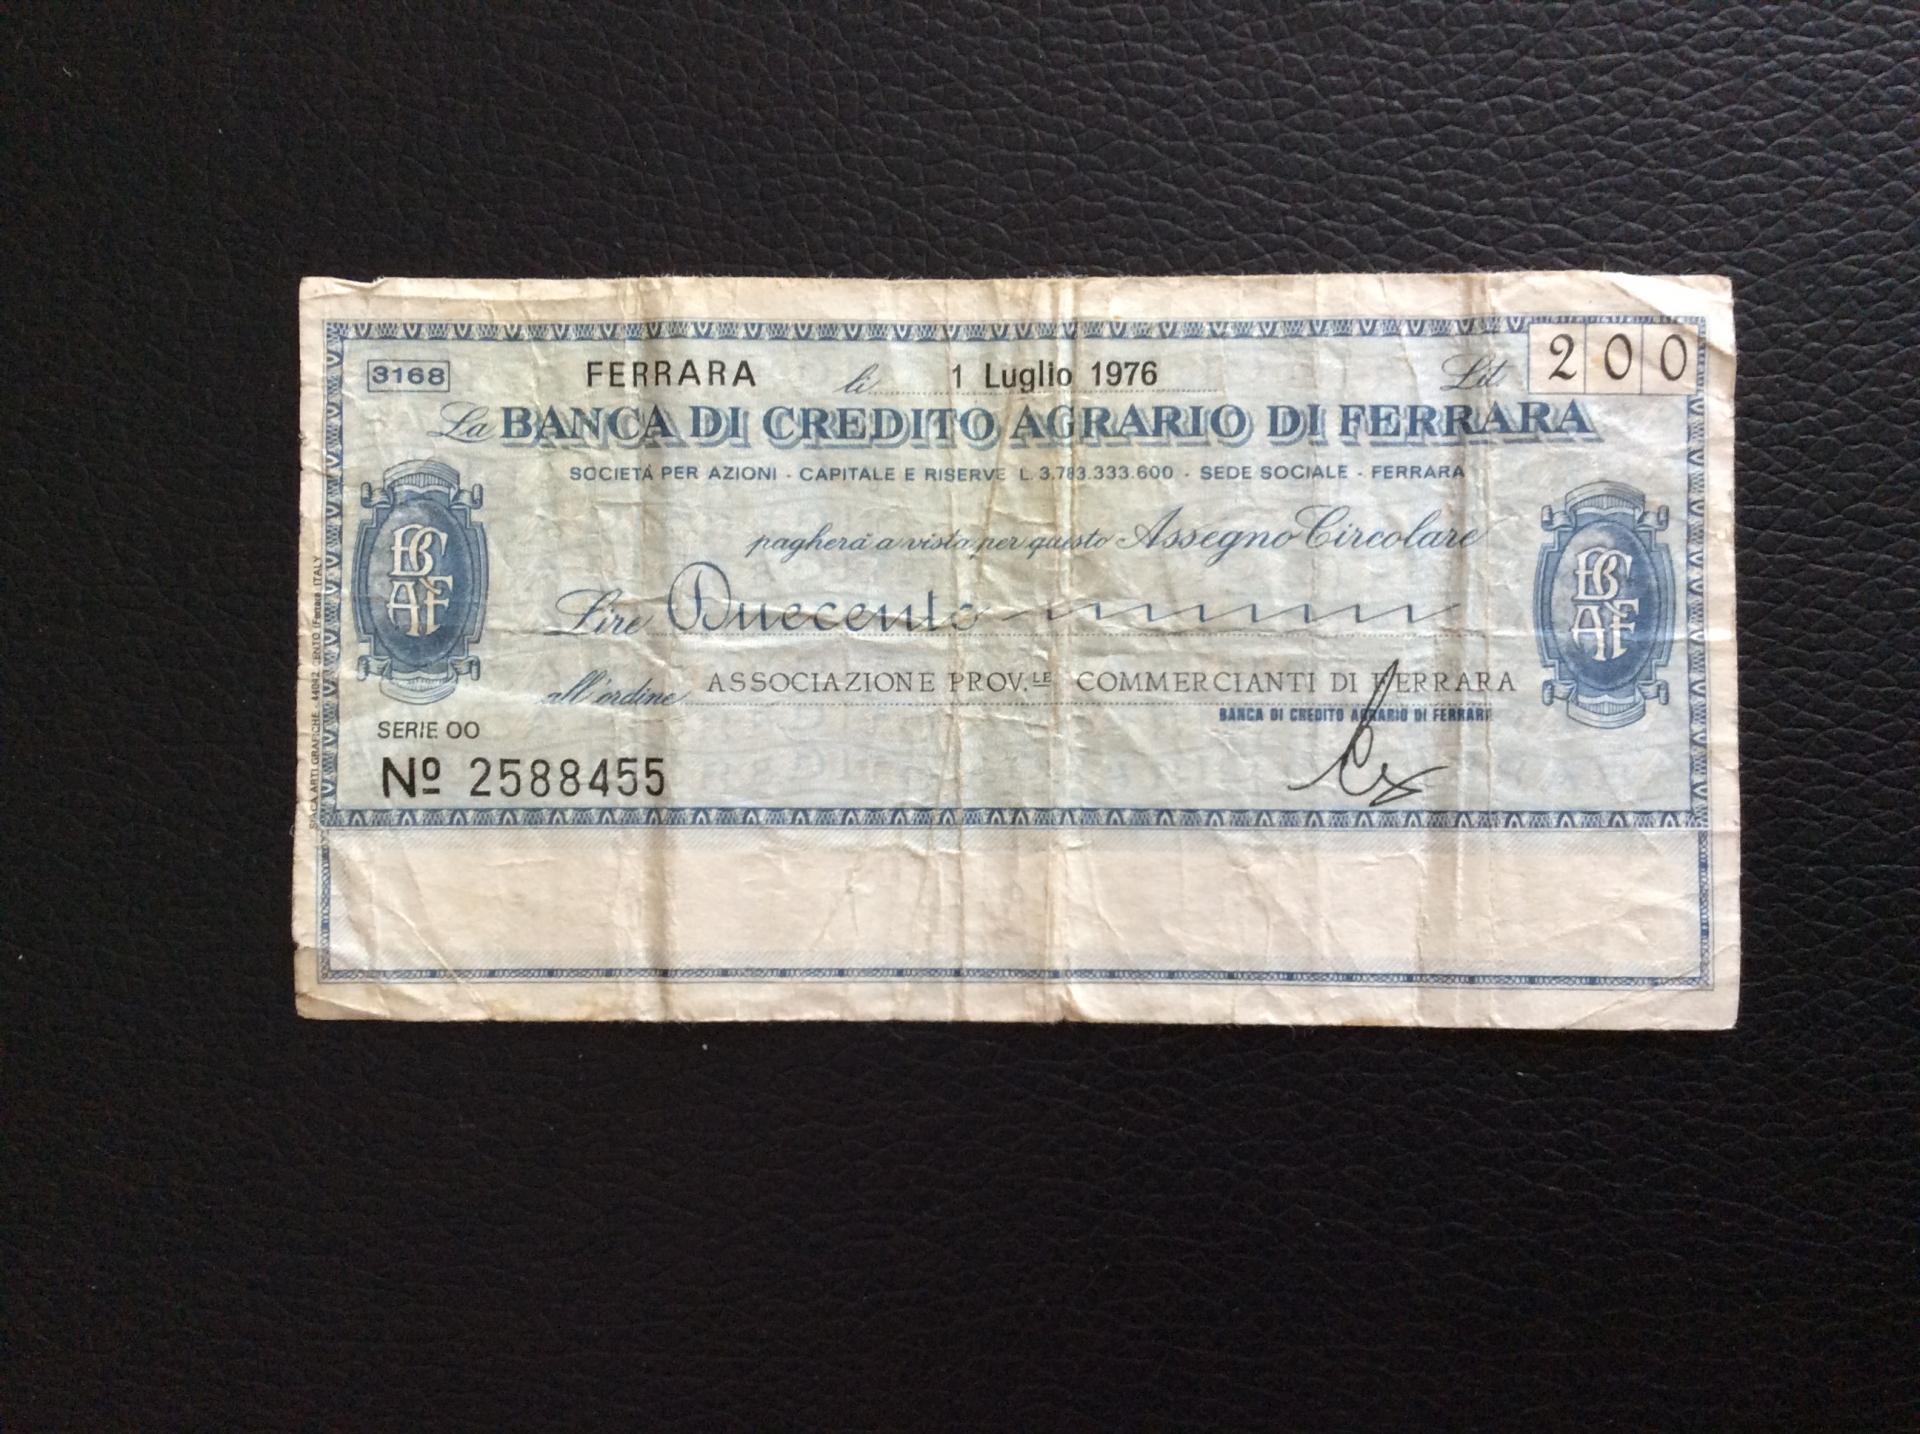 200 LIRAS 1976 - BANCA DI CRÉDITO AGRARIO DI FERRARA - ITALIA